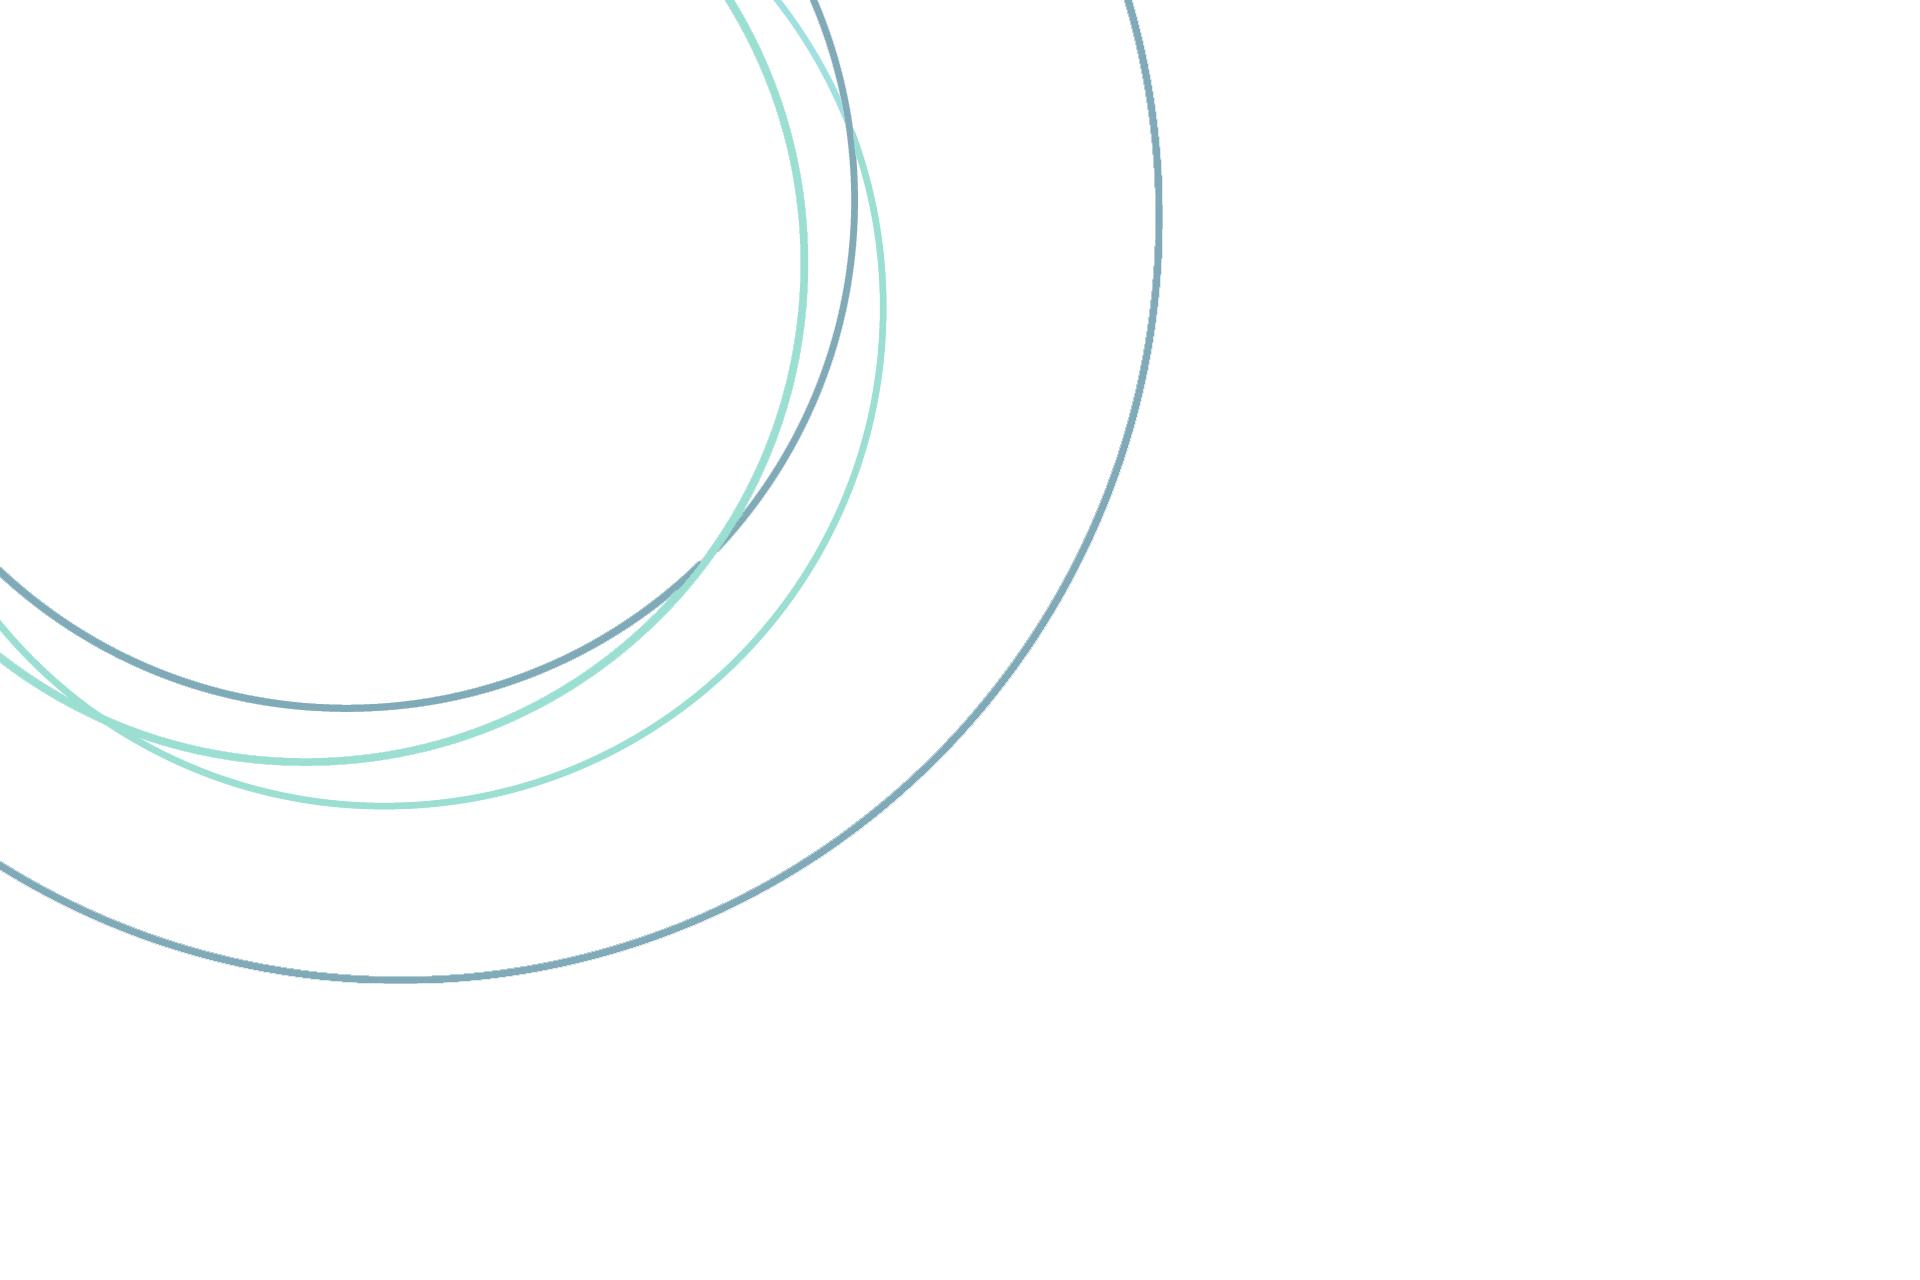 Circles-Blue-AC21